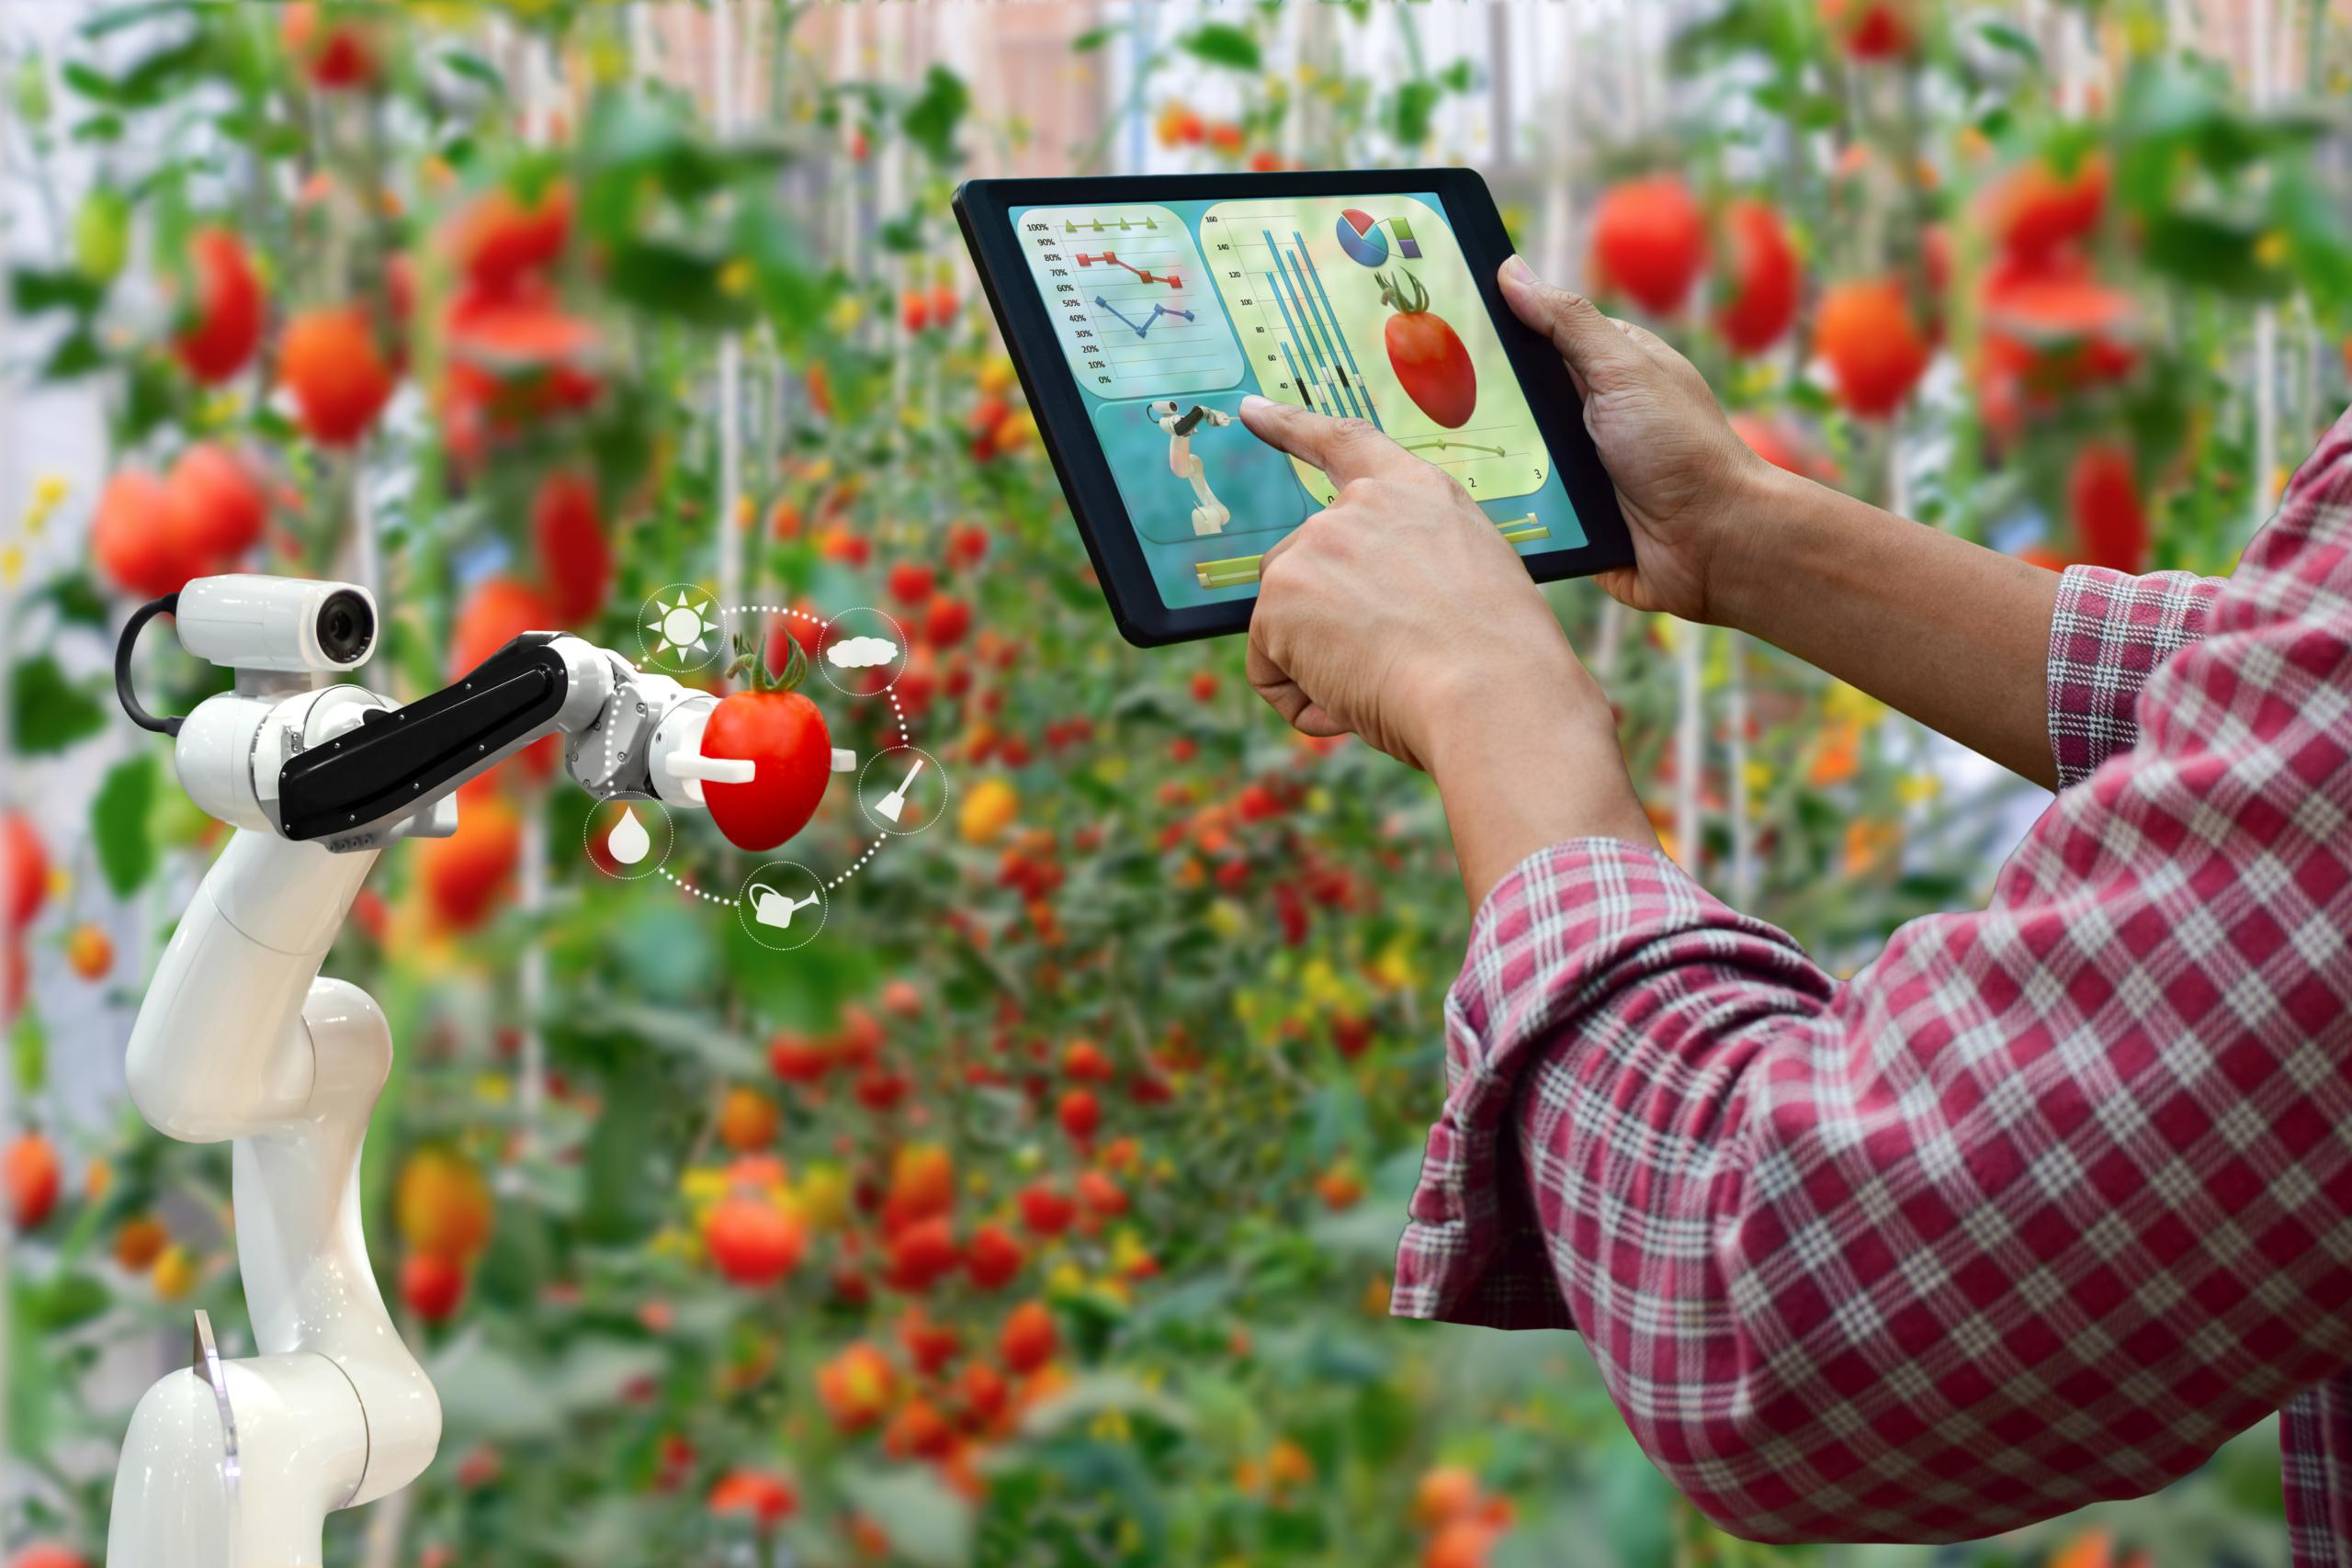 [Enjeu Société] Food Business, une année 2021 d'émergence et de confirmation